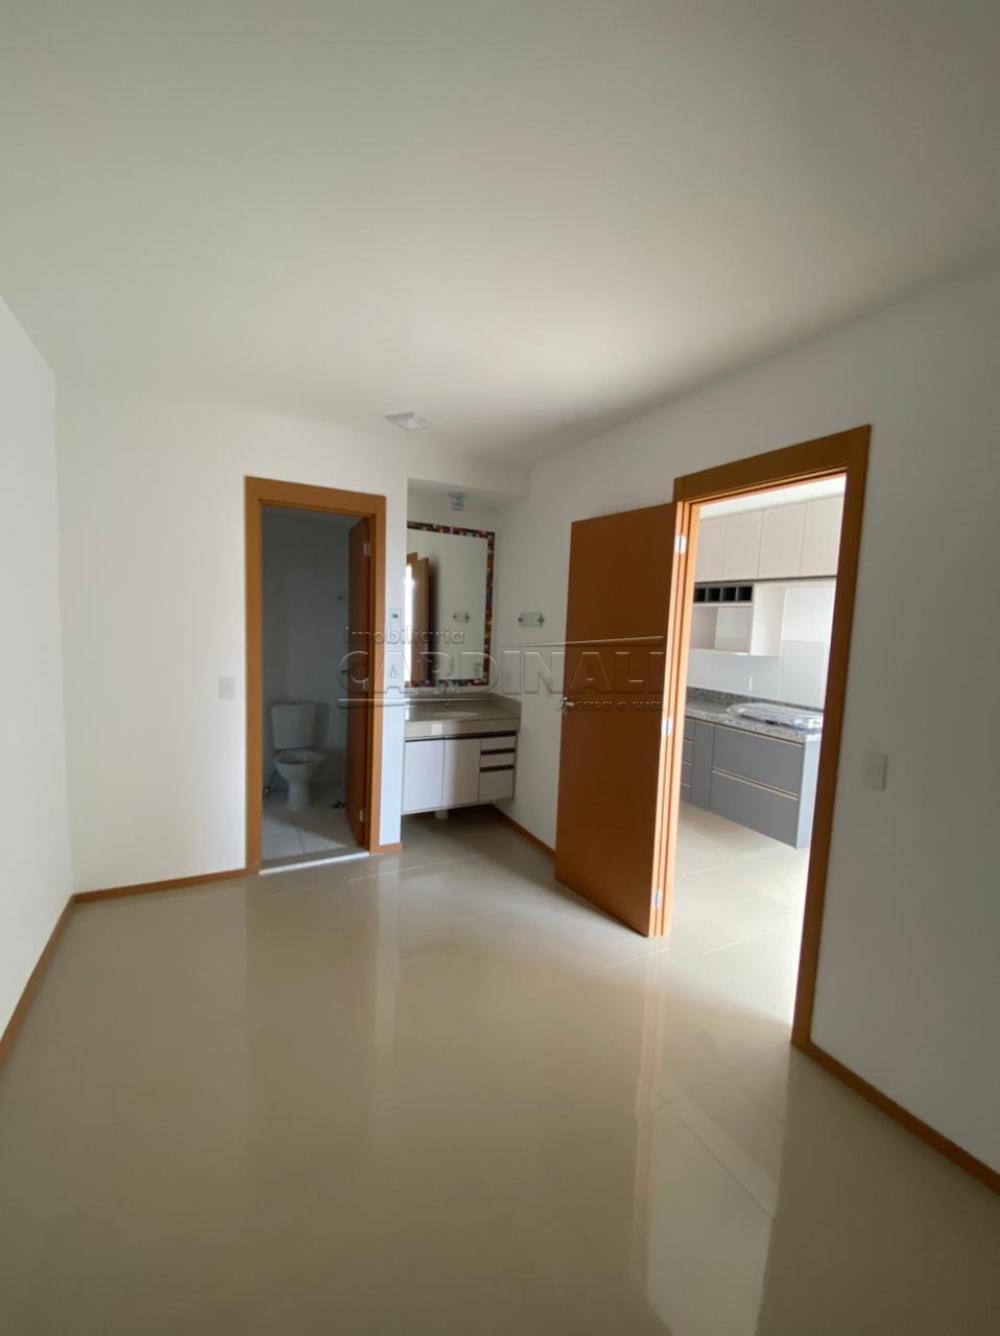 Alugar Apartamento / Padrão em São Carlos R$ 1.250,00 - Foto 5